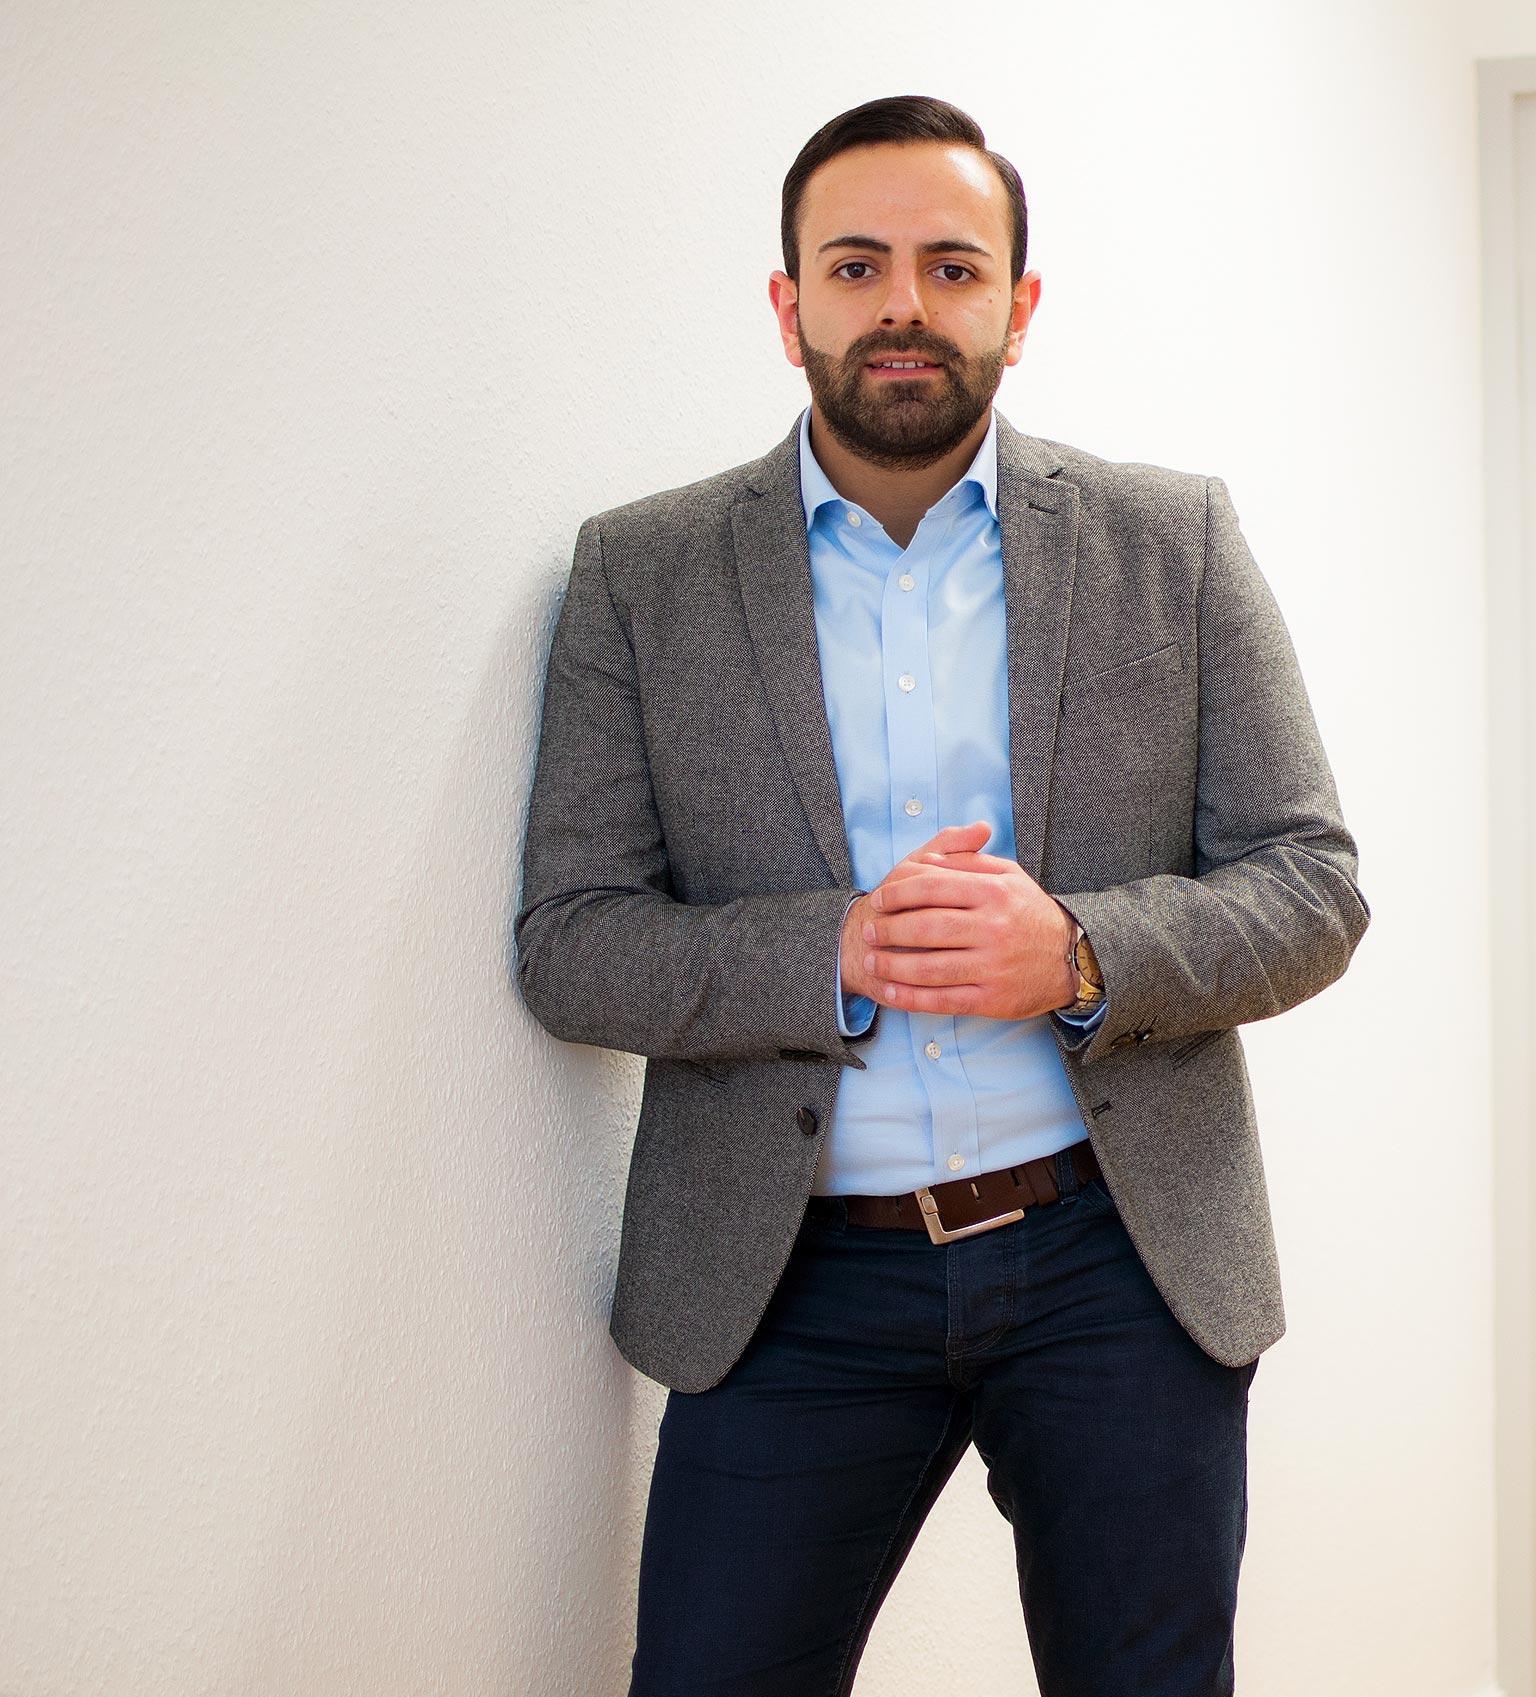 Ibrahim Kocyigit